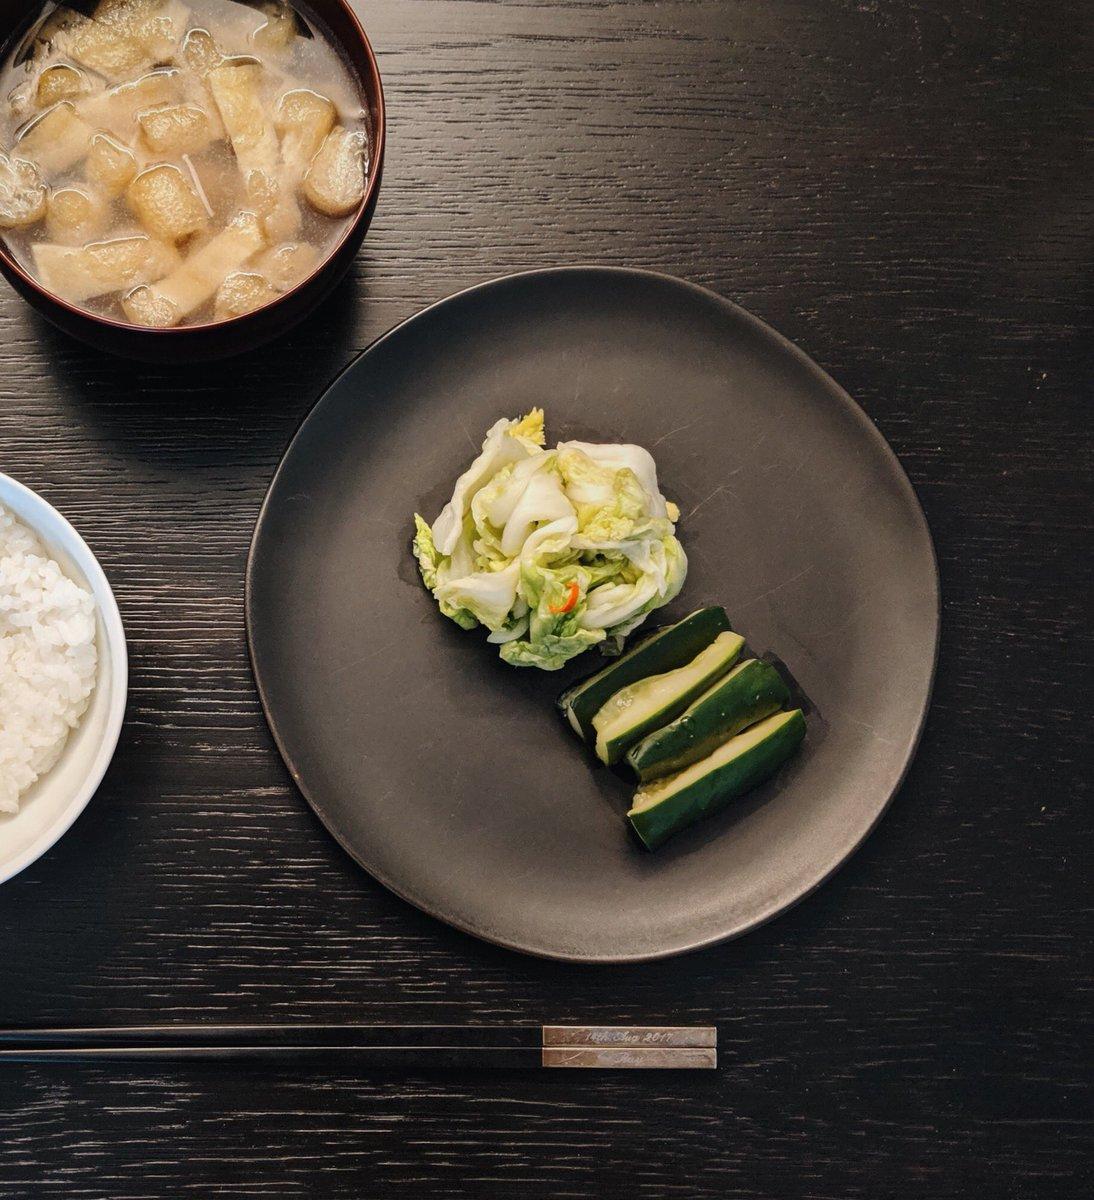 自分で漬けたお漬物のおいしさよ……添加物も入ってない!ちなみにスープは有賀さん @kaorun6 のえのき茸と薄揚げの麦茶のスープです。レシピはこちら。自作のお漬物と、シンプルだが美味しいスープ……これぞ贅沢感がある。贅沢2.0…